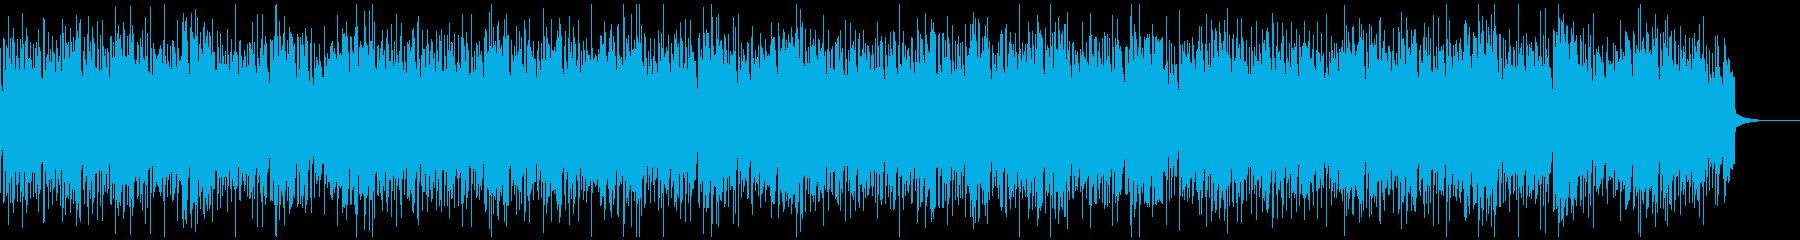 うきうきするような軽快なアコギBGMの再生済みの波形